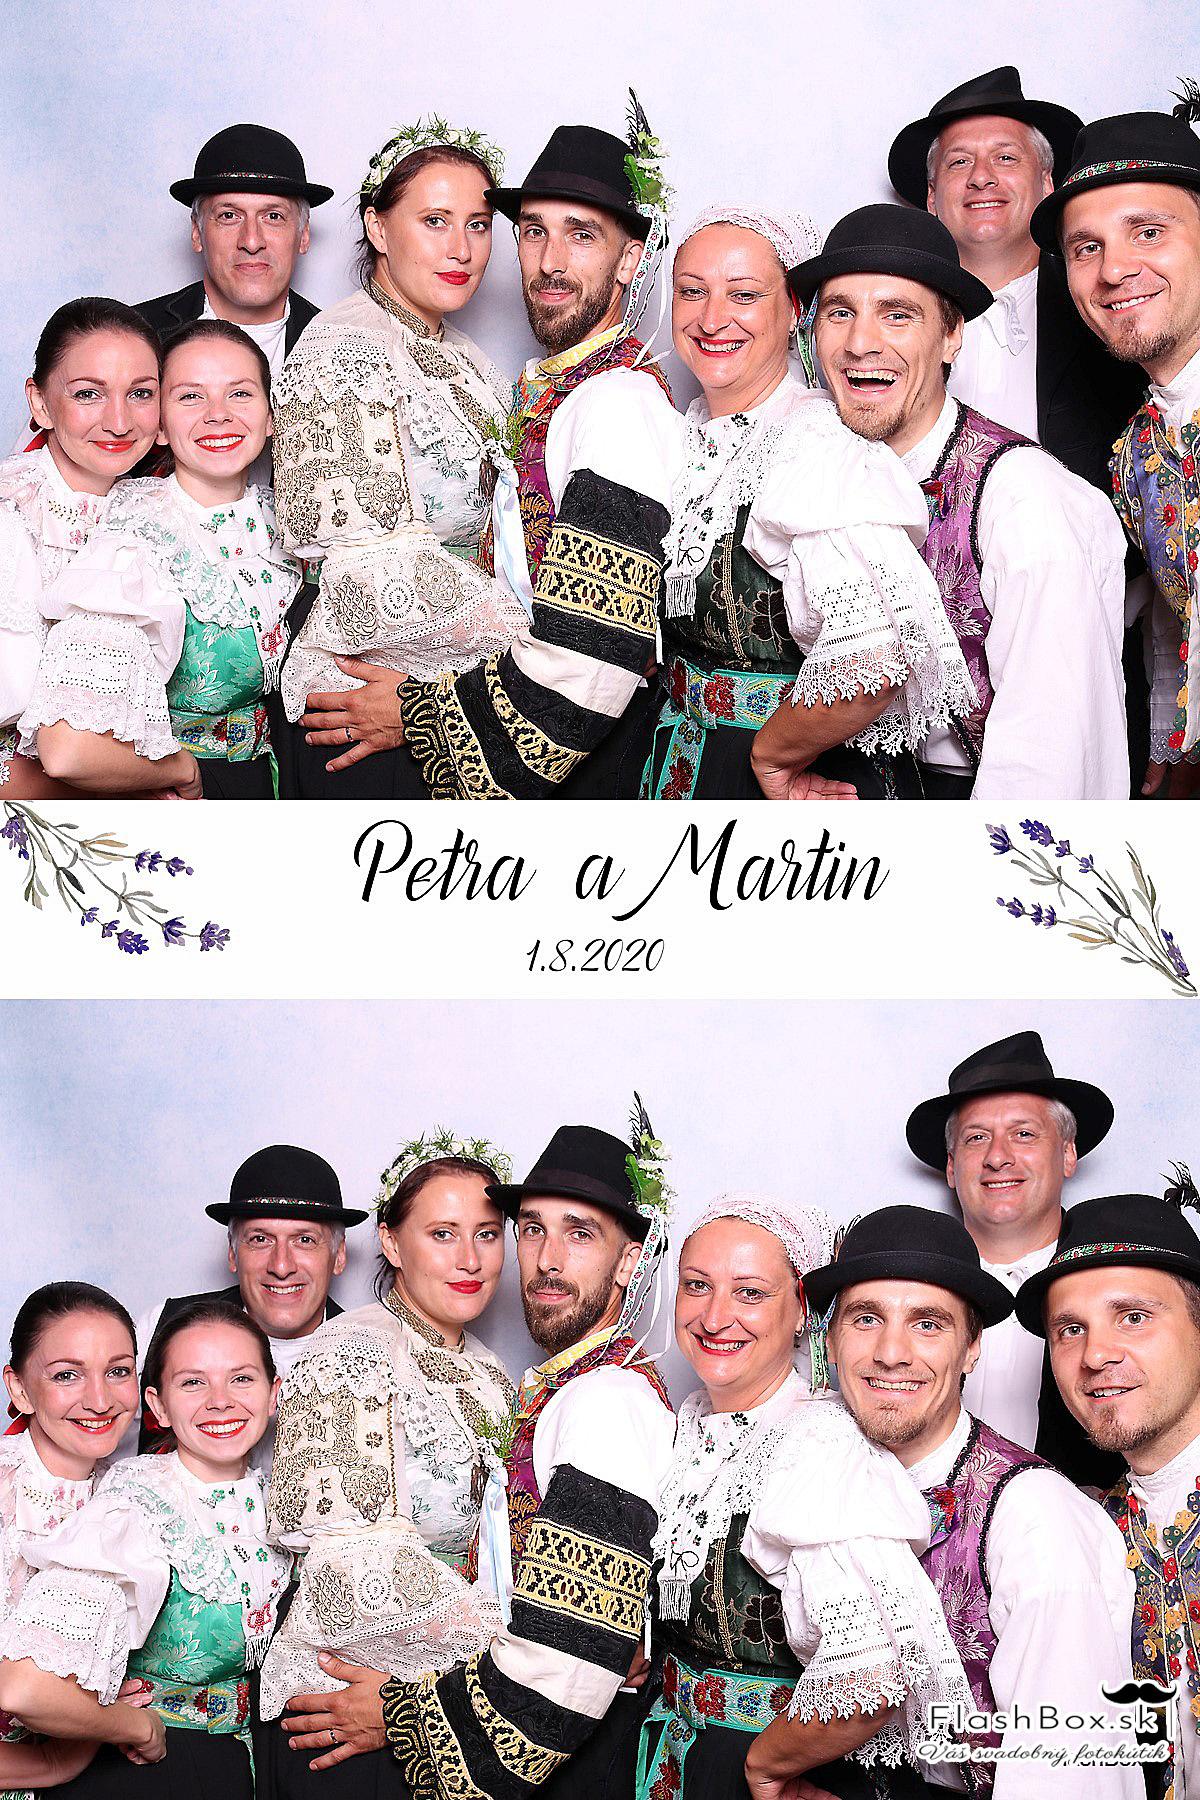 Fotobox na svadbu FlashBox - Ranch13 Nemšová